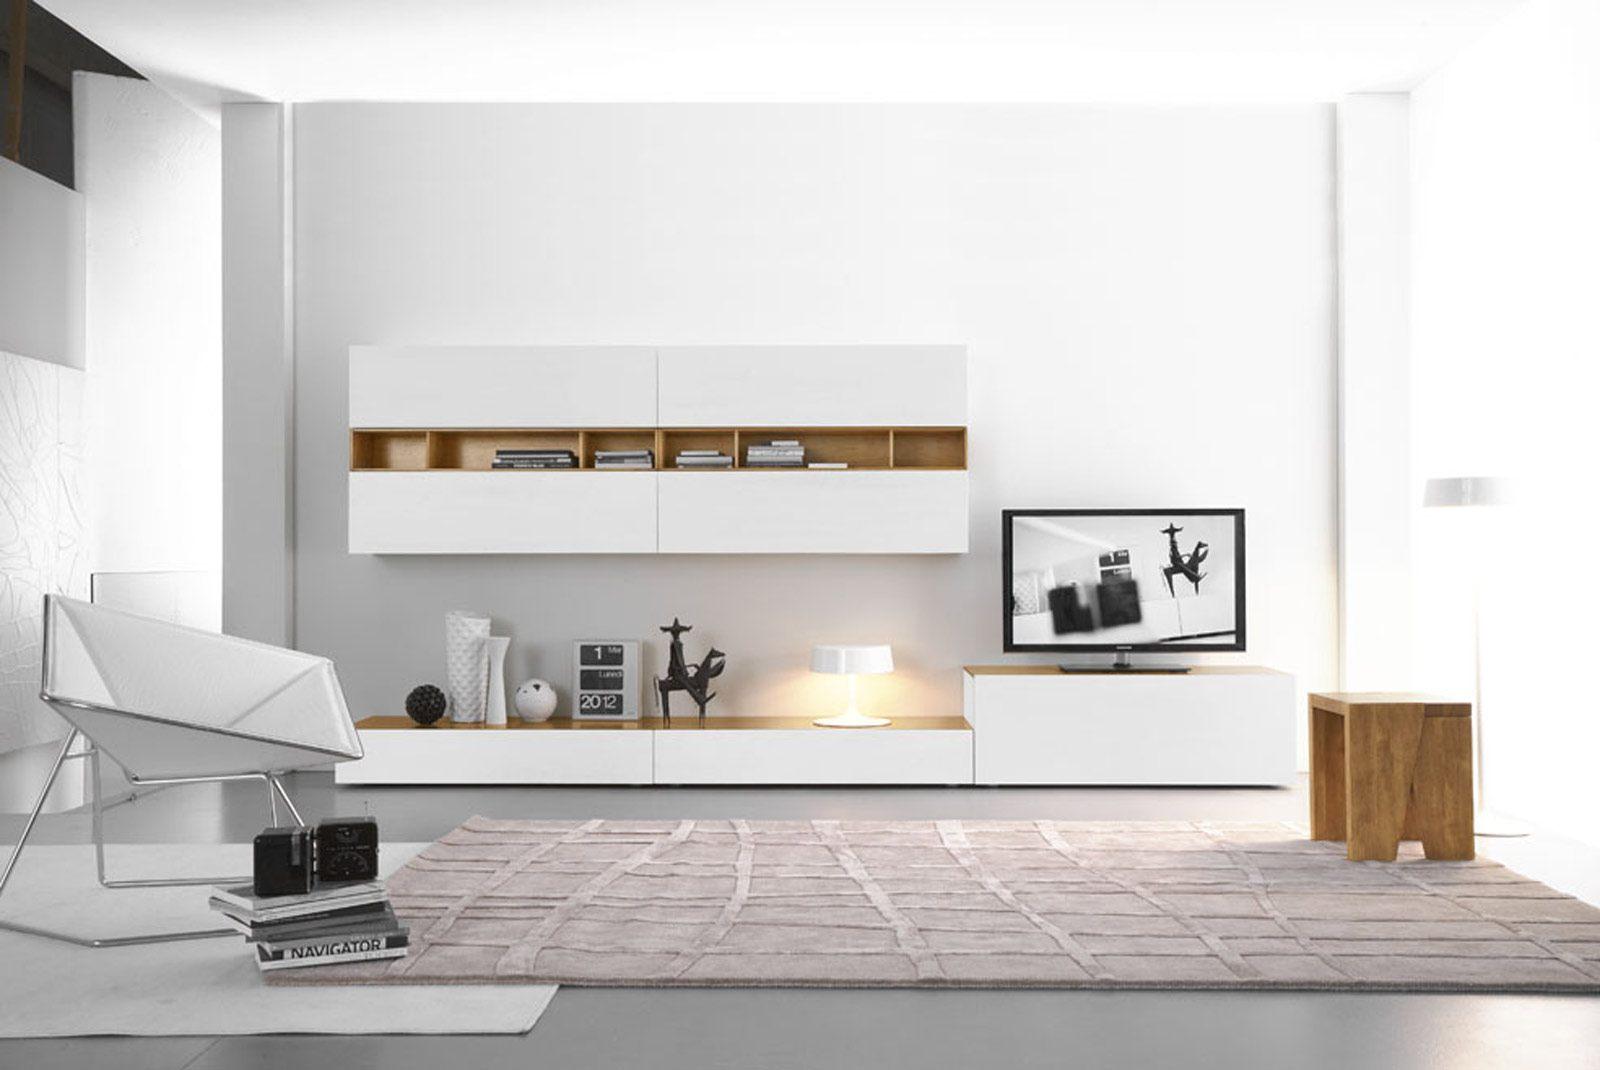 10 idee per rinnovare il salotto - Mobili da salotto ...